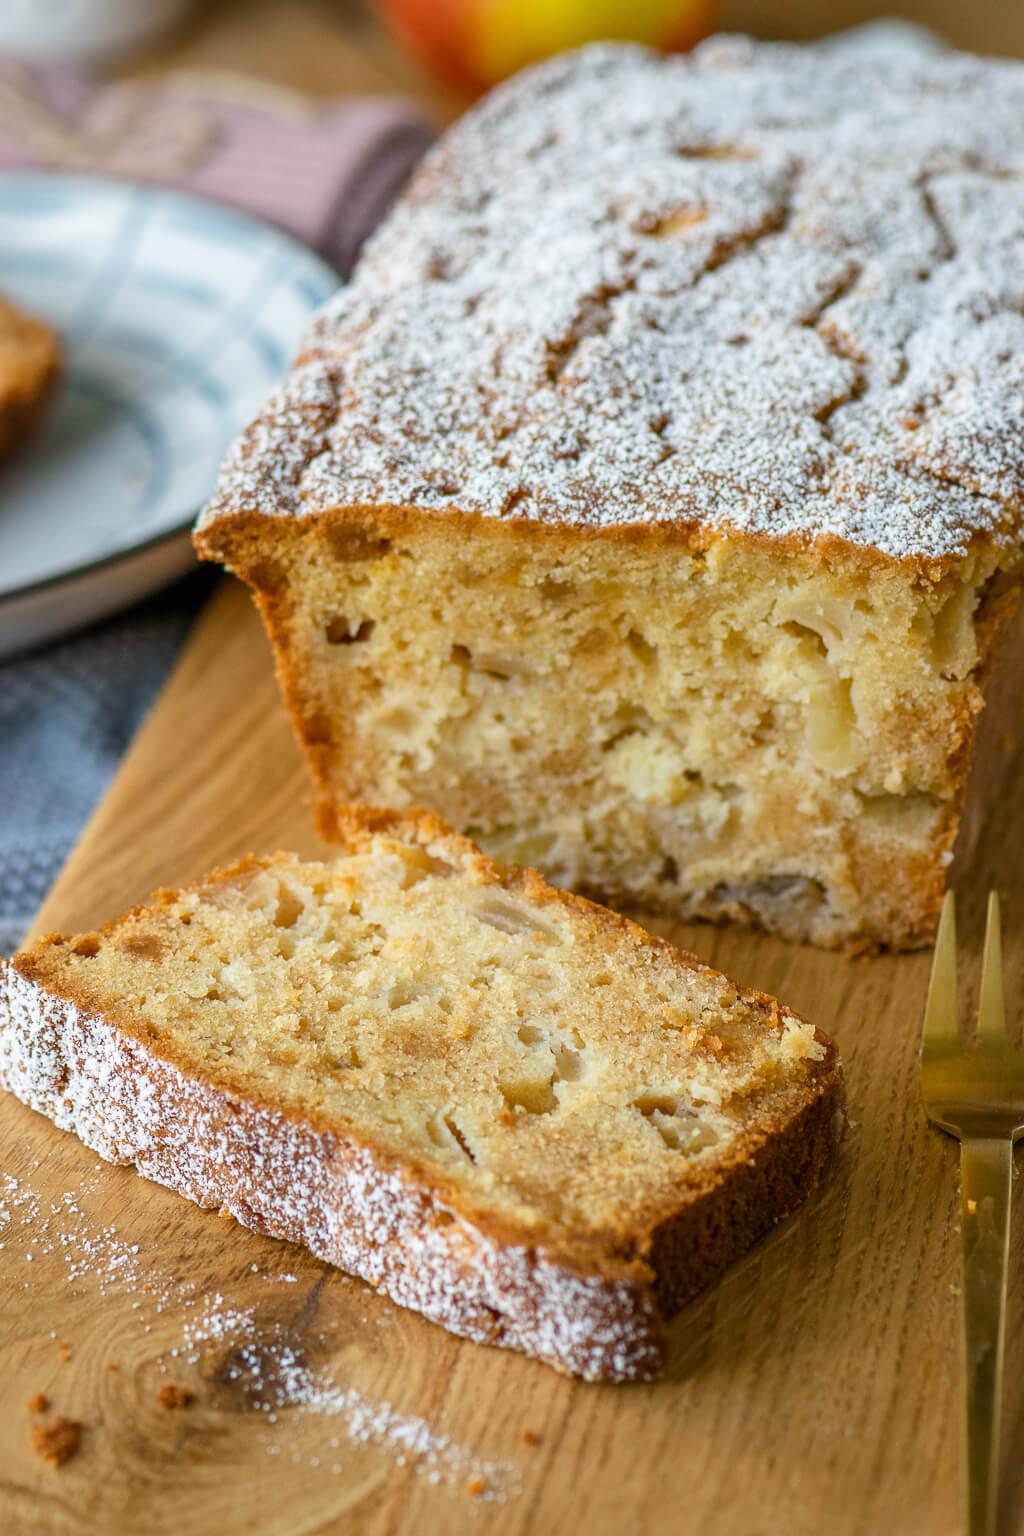 Ein super tolles Apfelkuchen Rezept - Apfel Marzipan Kuchen aus der Kastenform